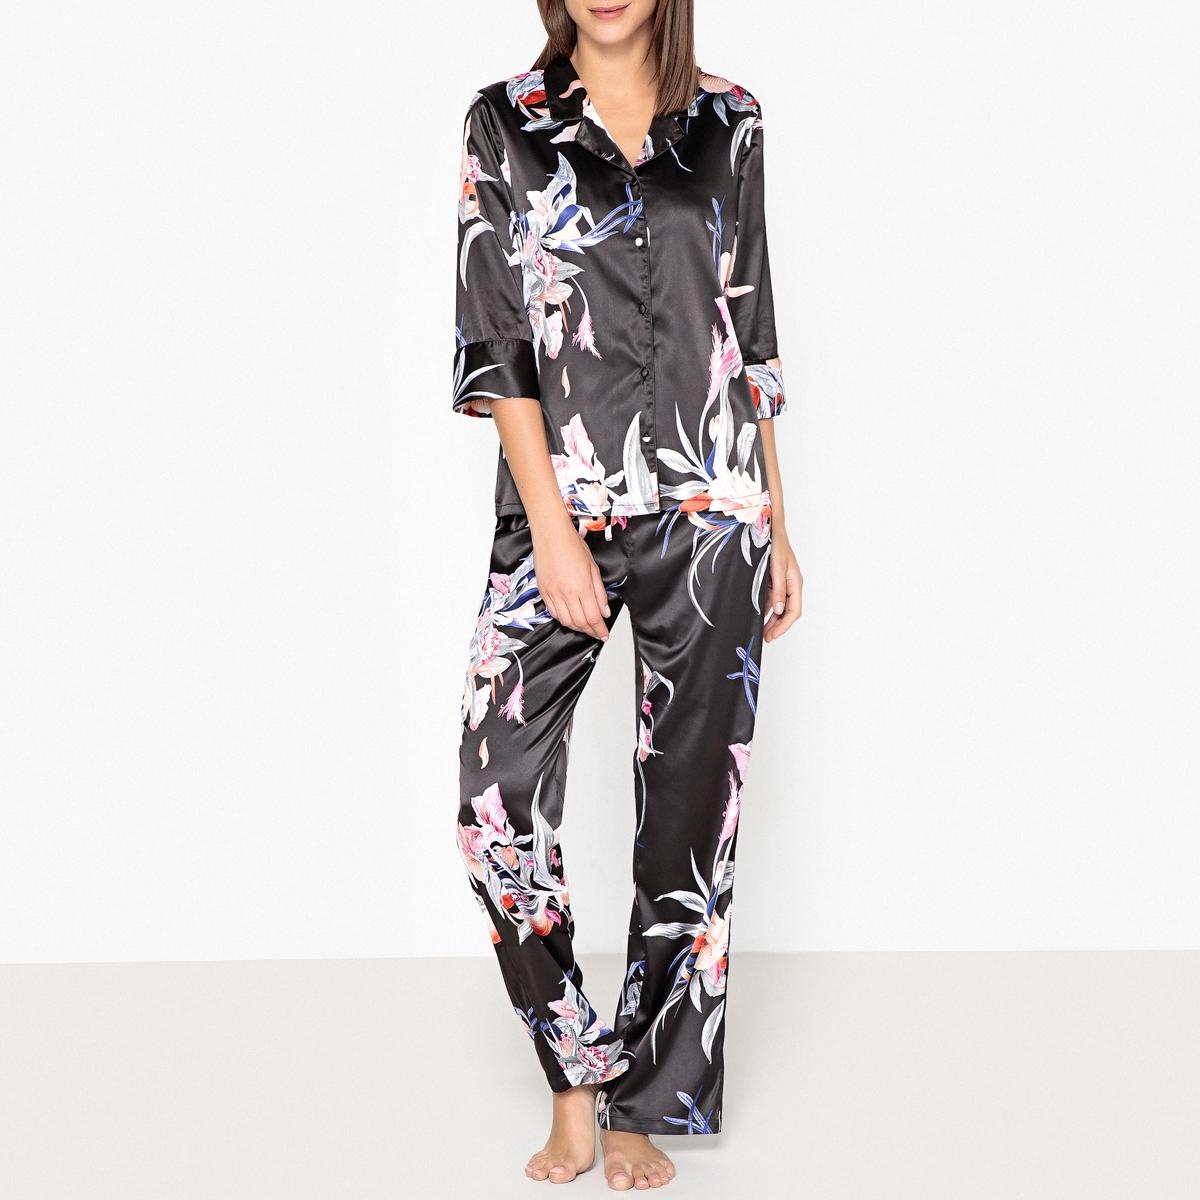 Пижама из сатина с цветочным принтом пижамы nicoletta пижама женская